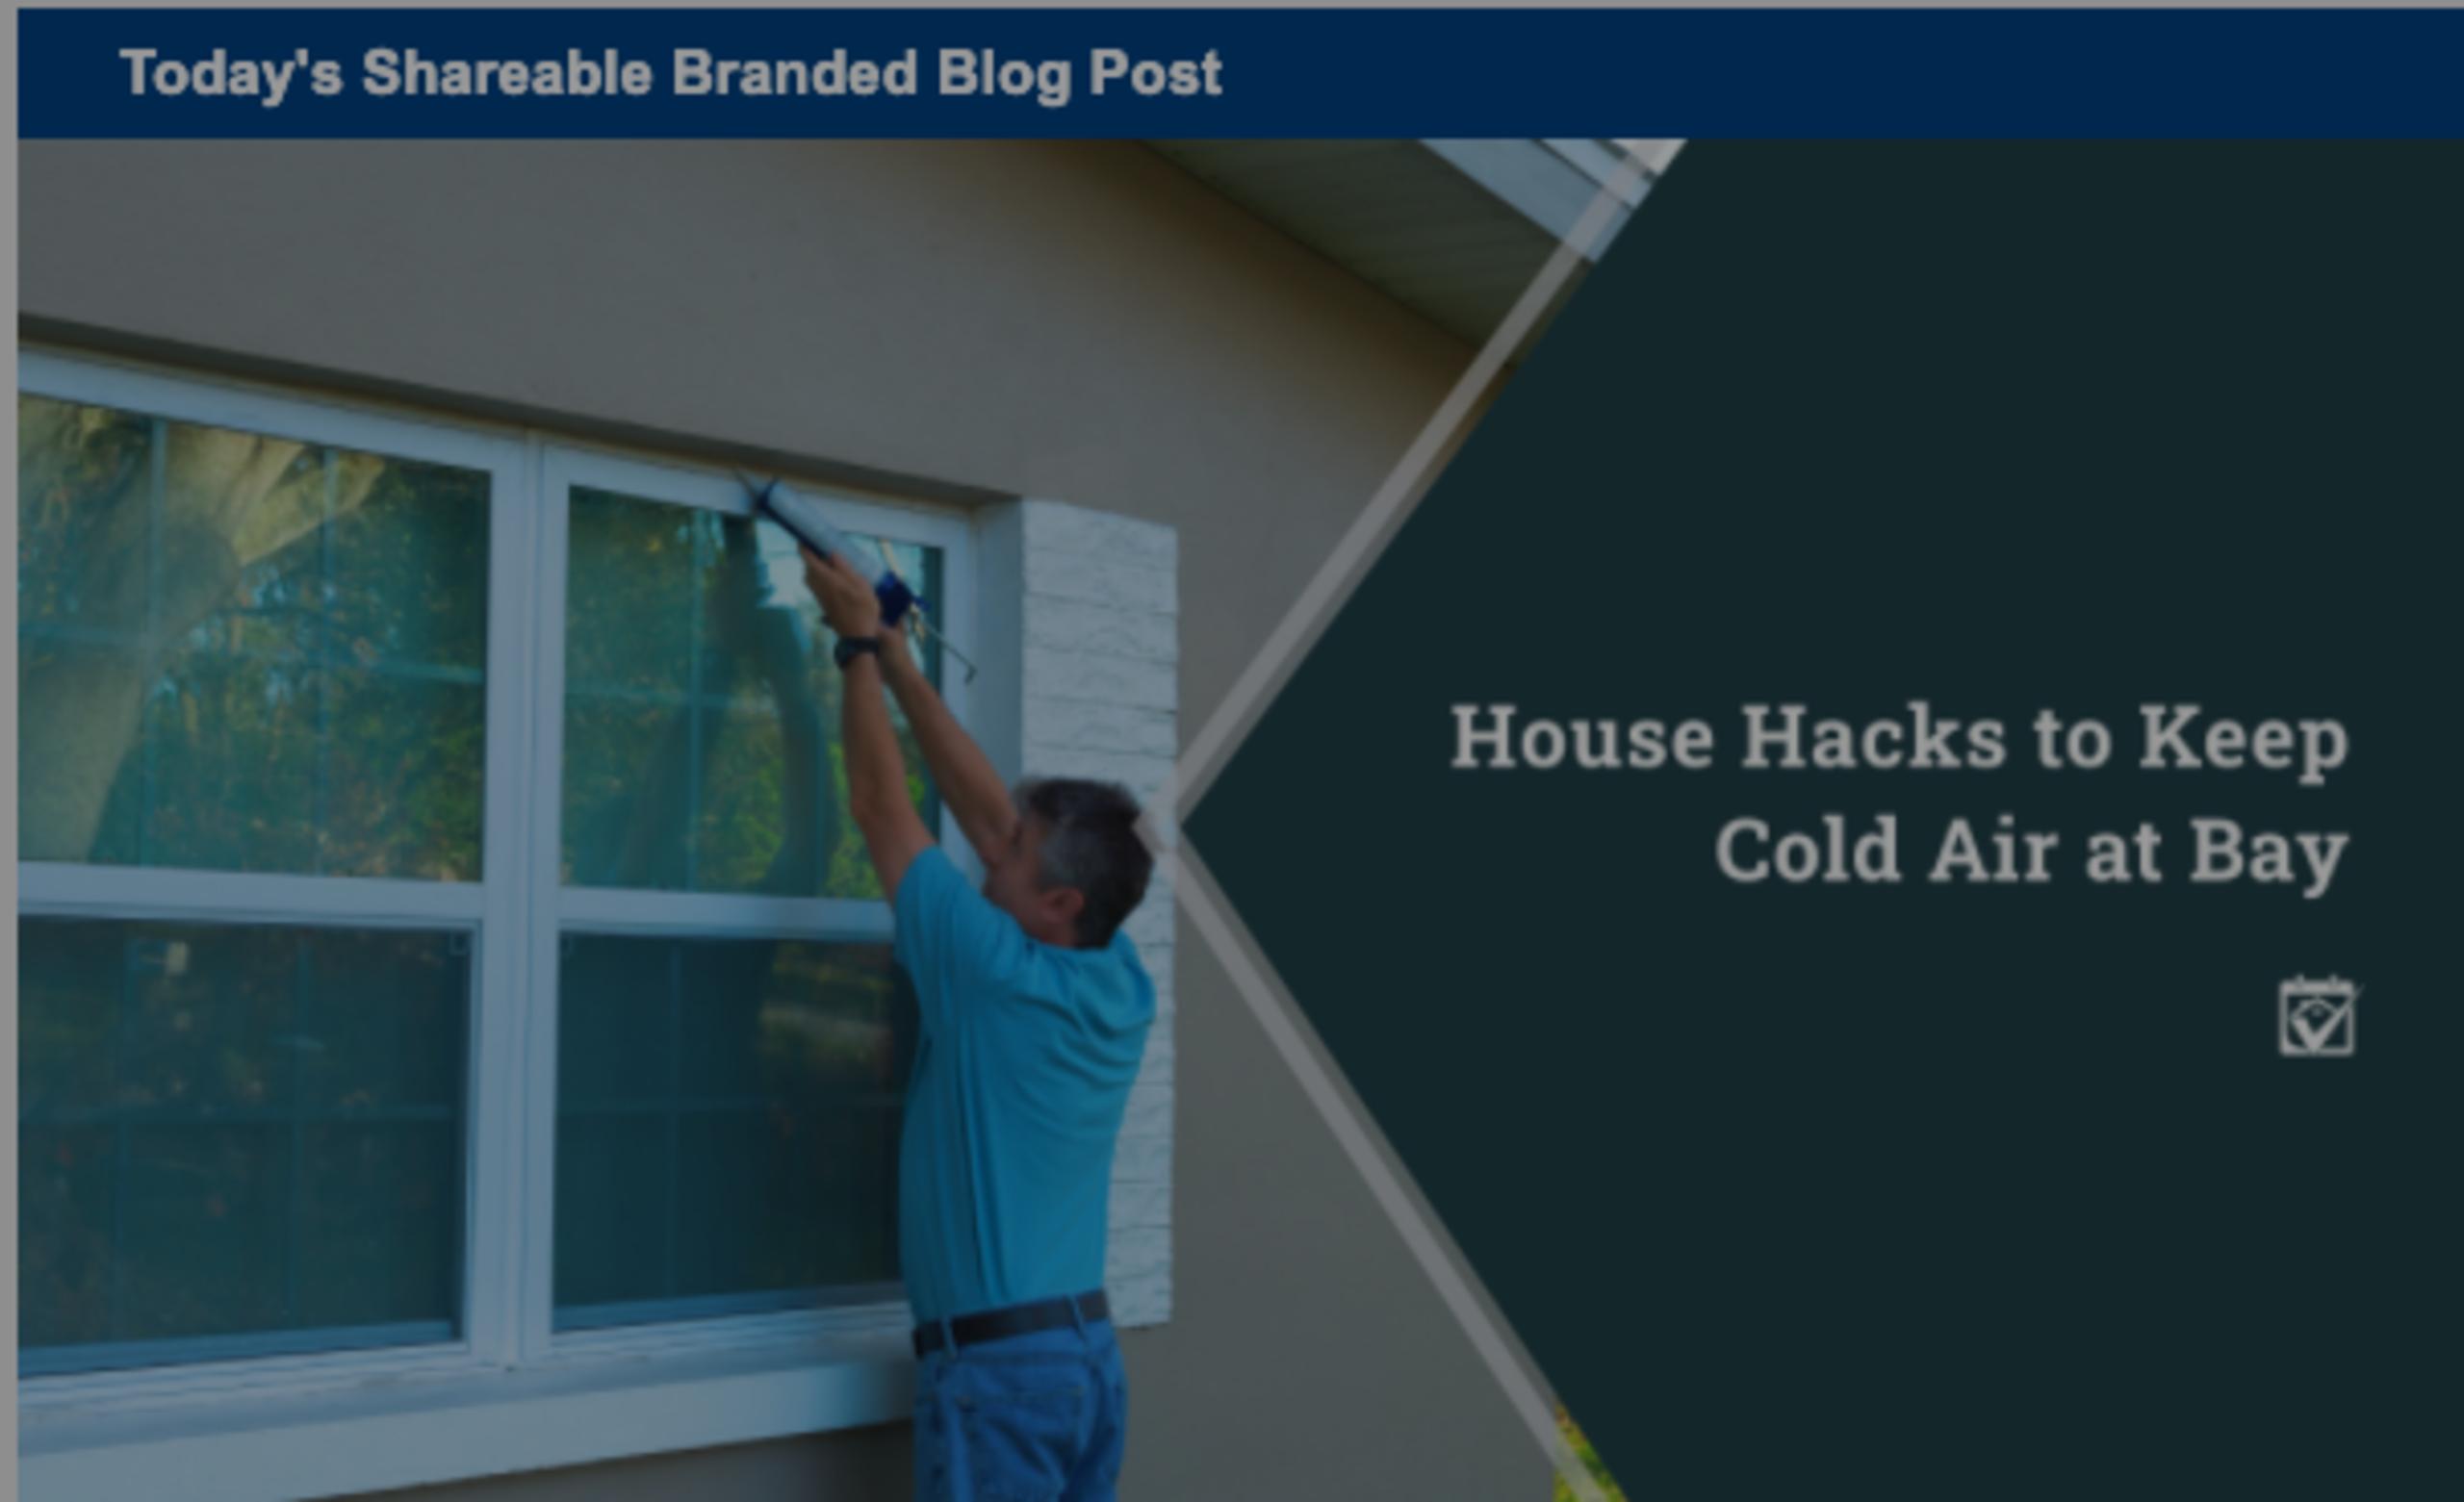 House Hacks to Keep Cold Air at Bay